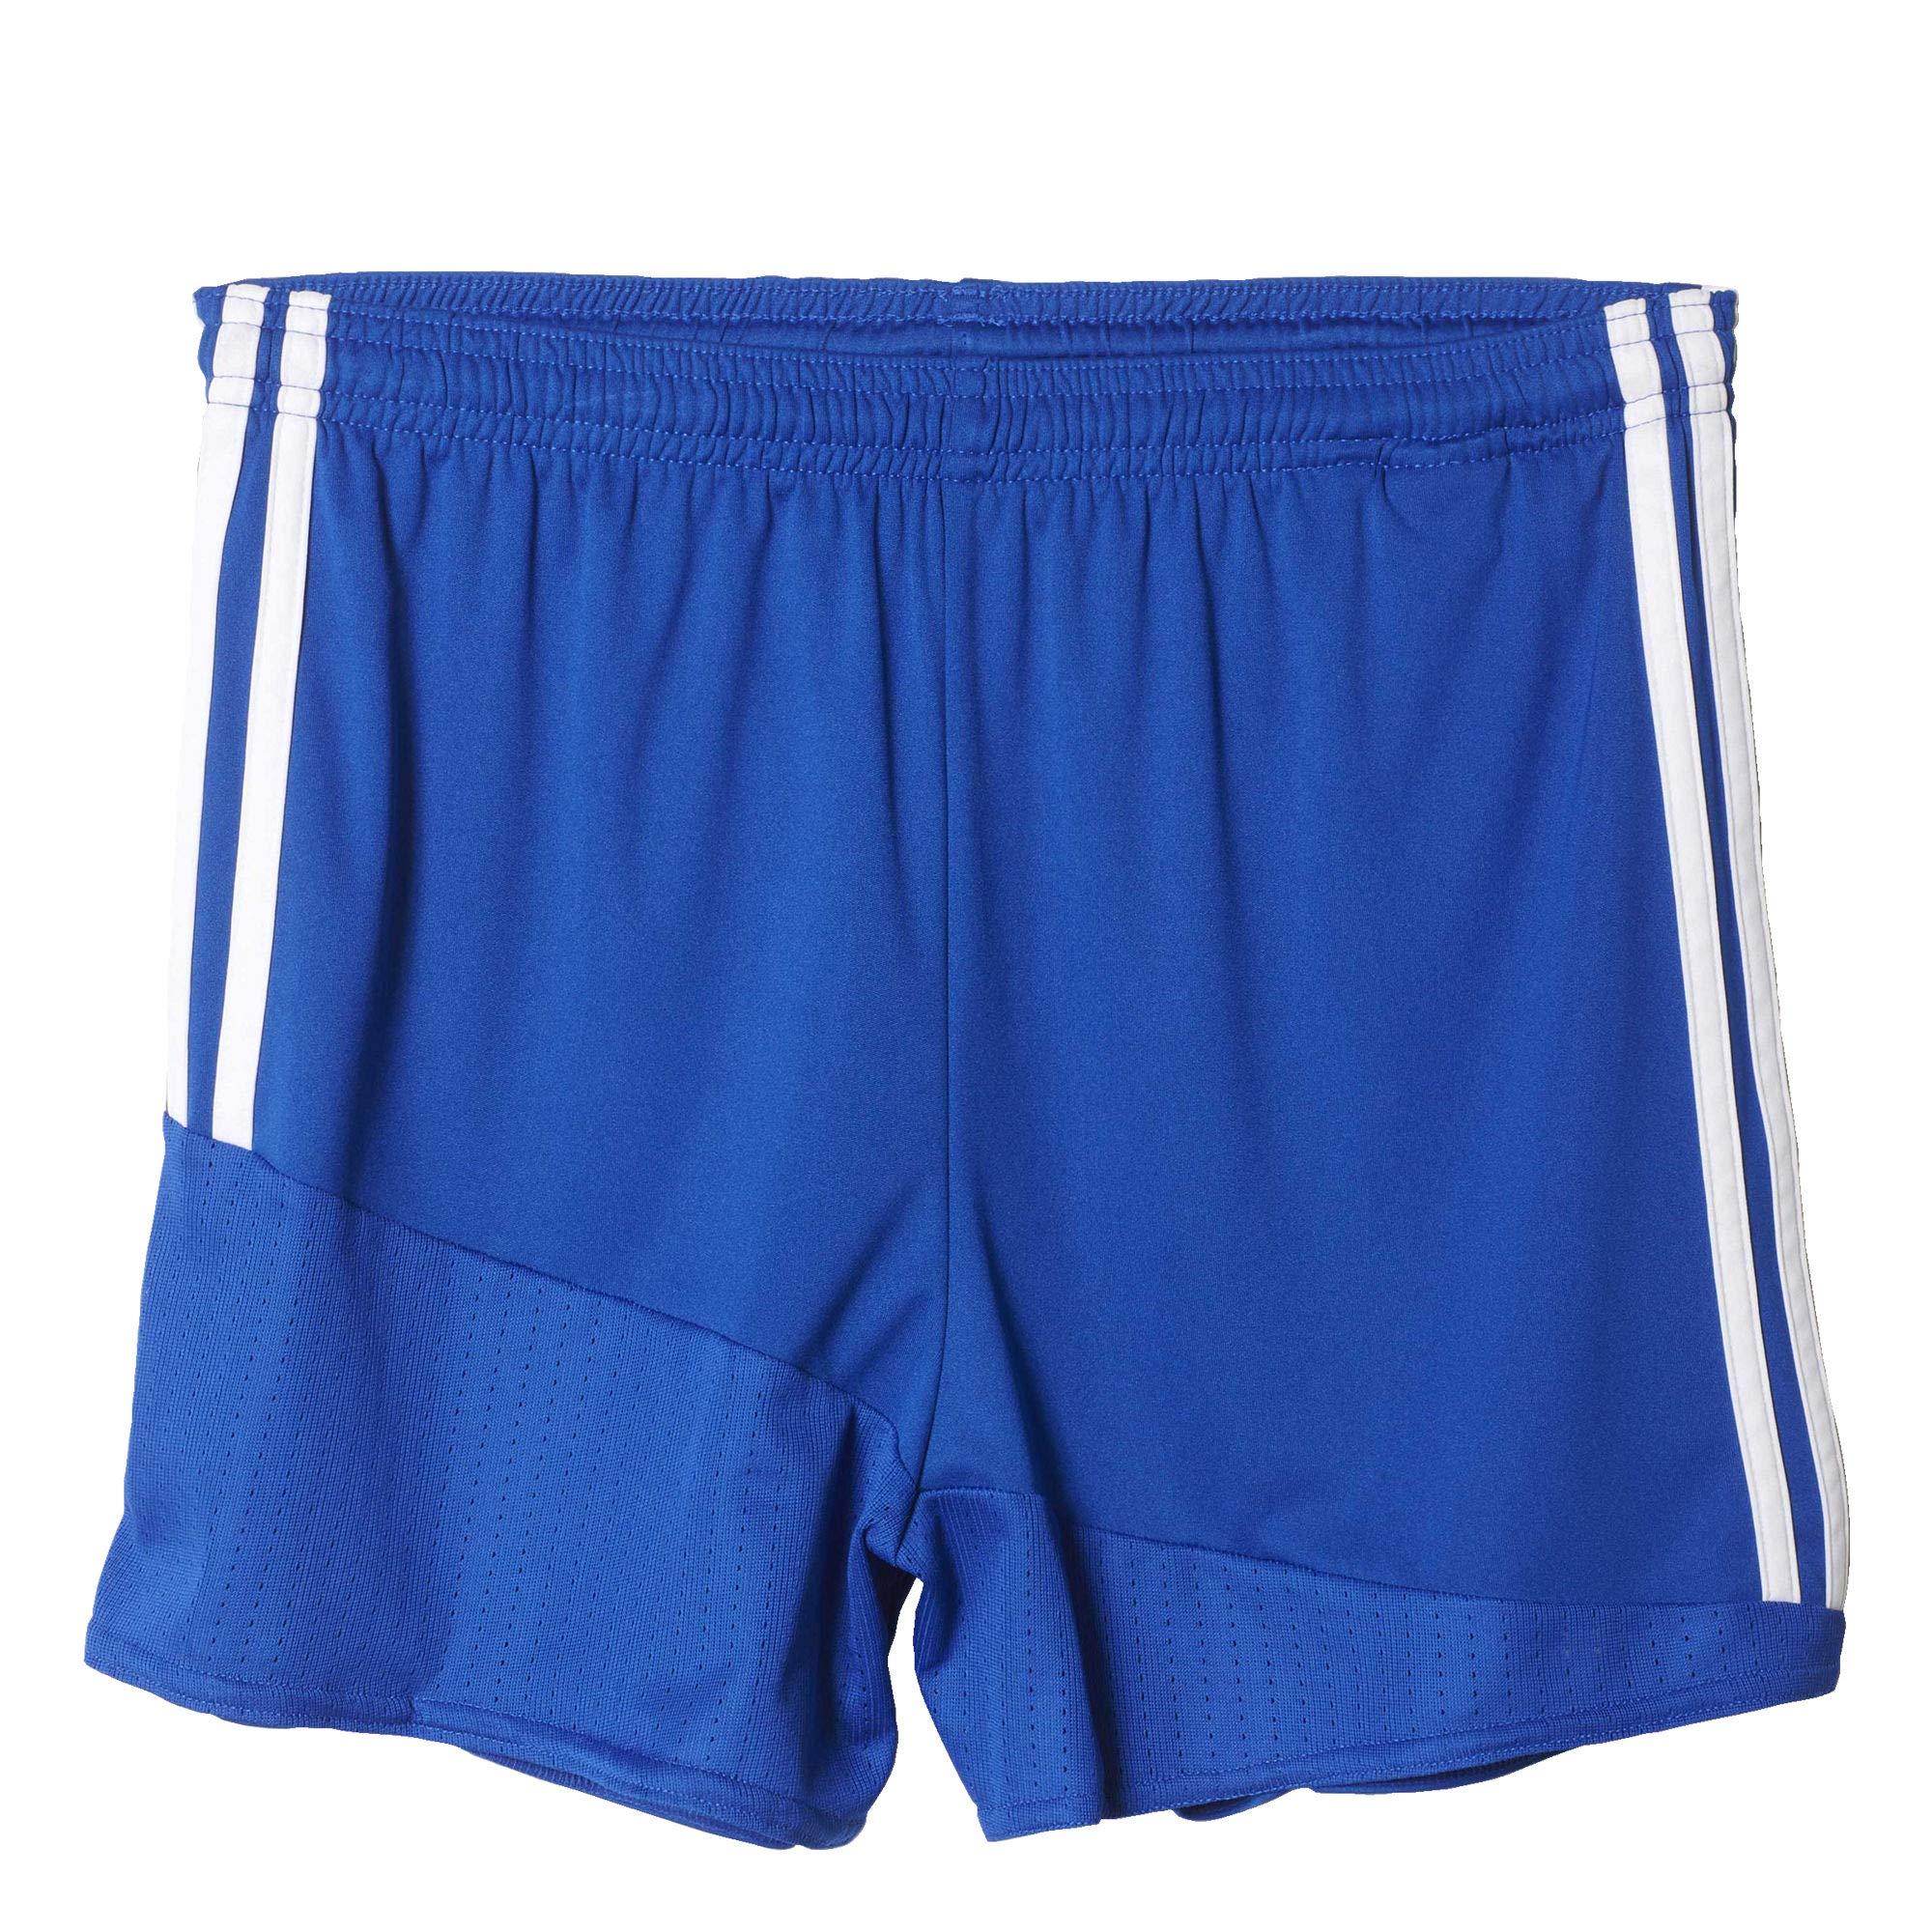 adidas Regista 16 Drydye Shorts Women's by adidas